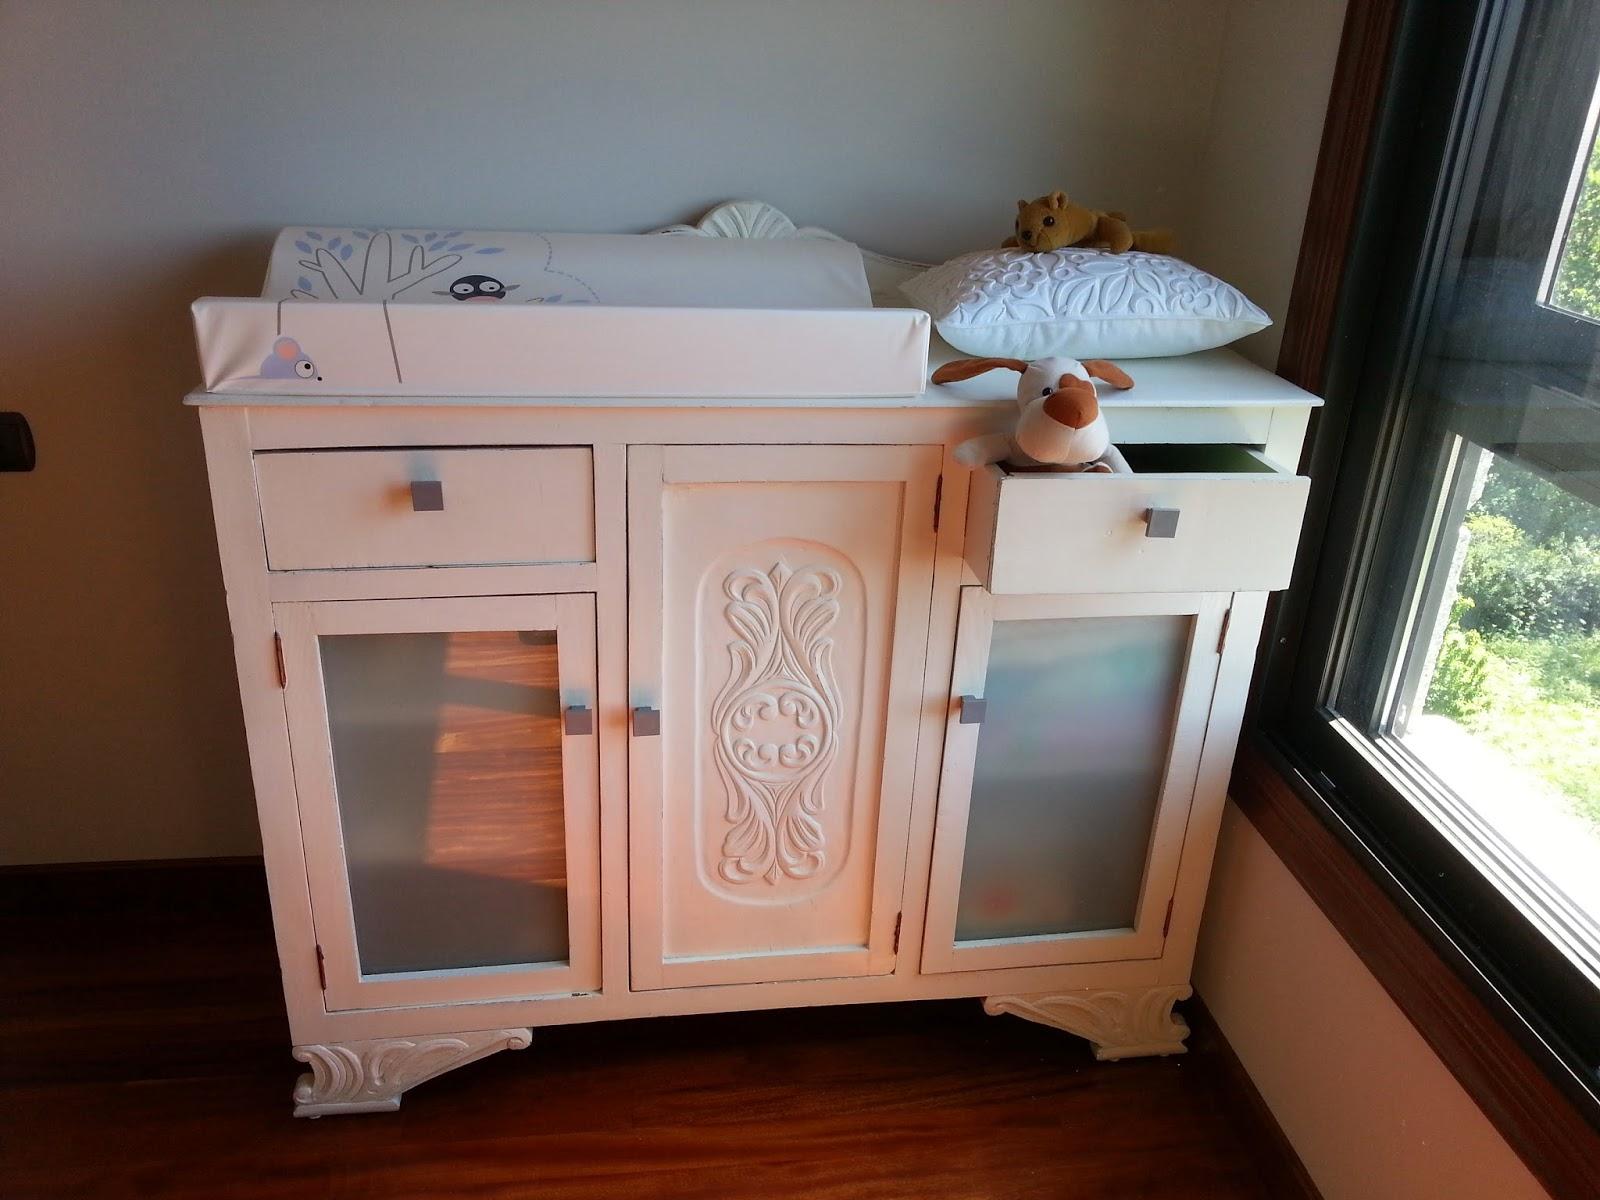 Sfc muebles sostenibles y creativos ecodise o - Recuperar muebles viejos ...